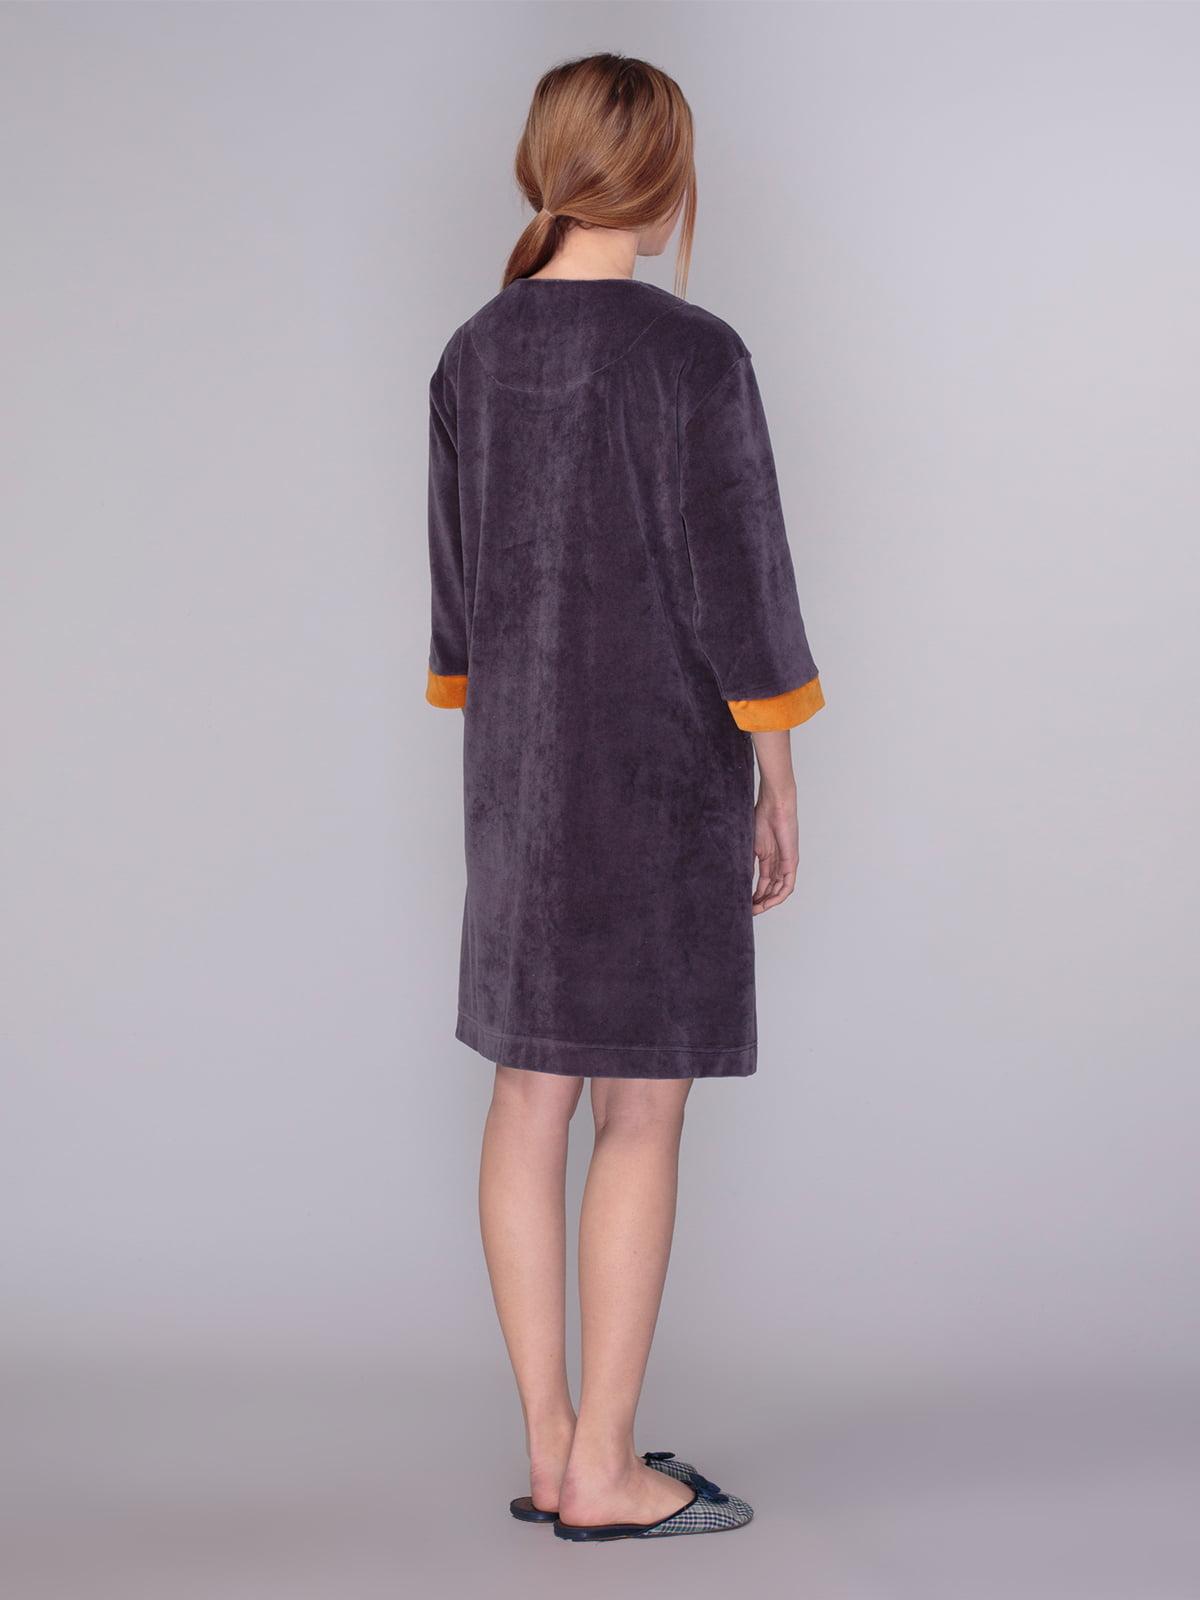 Халат фиолетово-коричневого цвета с контрастными вставками | 4083709 | фото 2